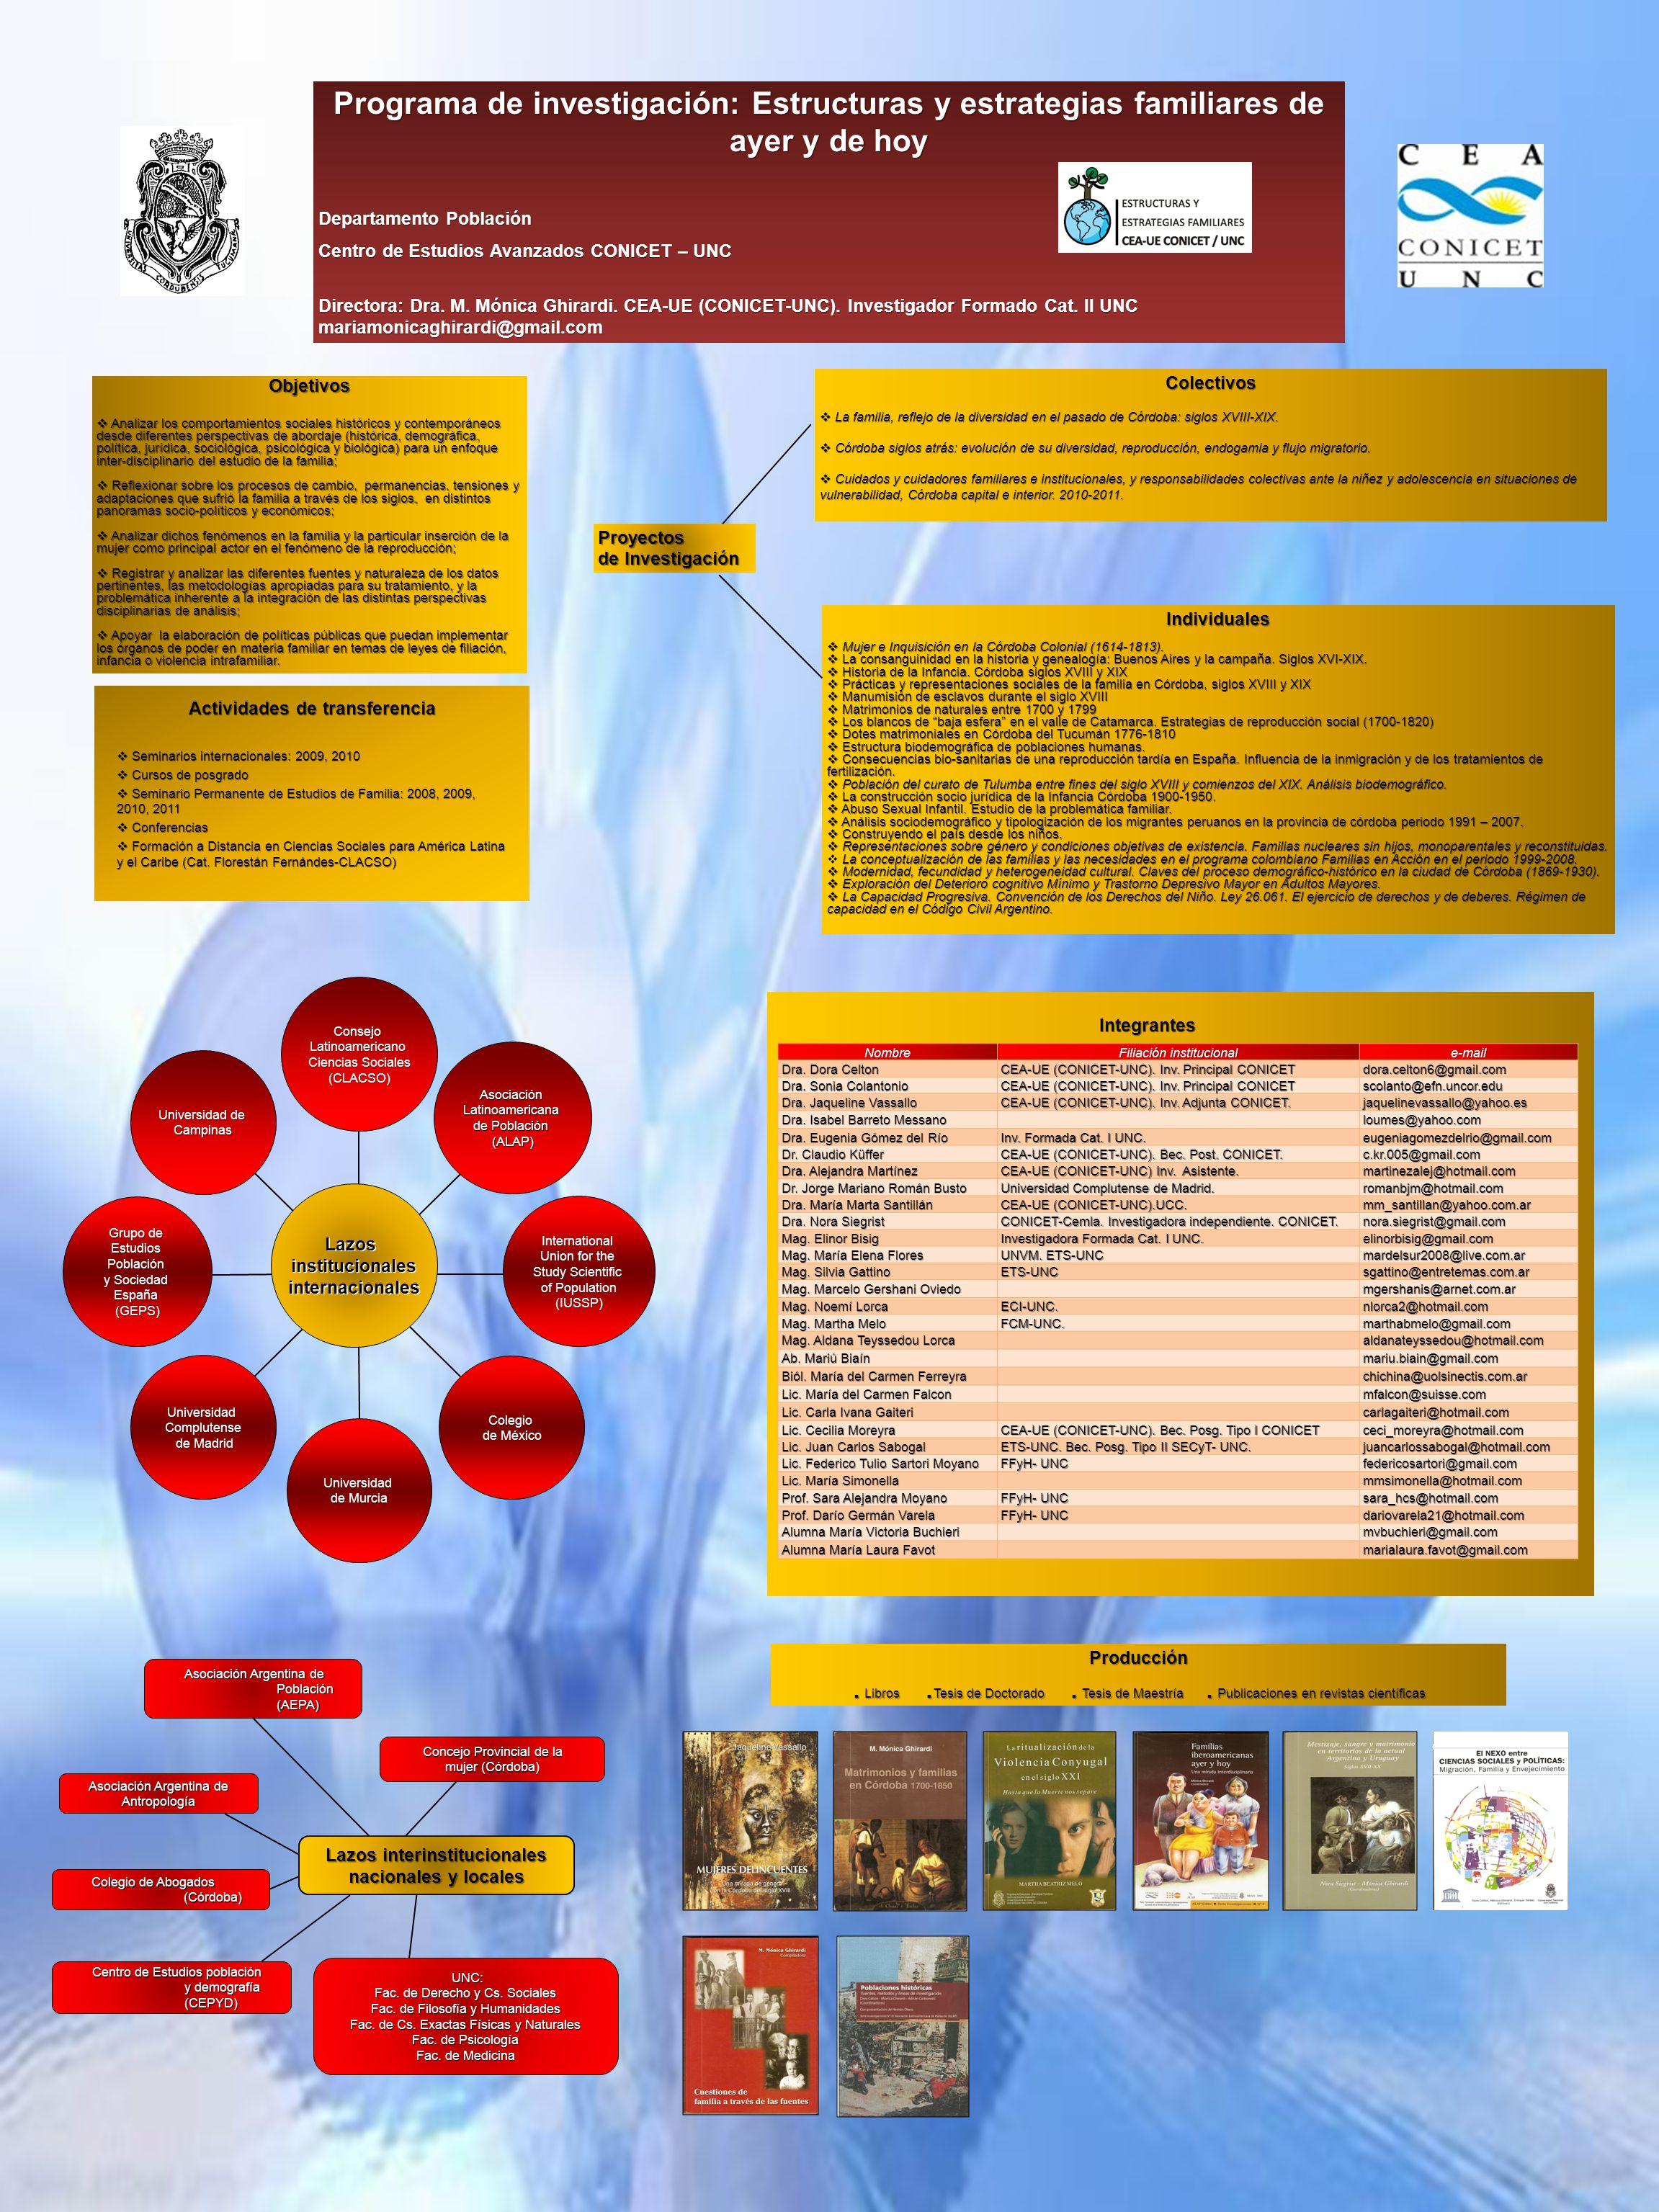 Programa de investigación: Estructuras y estrategias familiares de ayer y de hoy